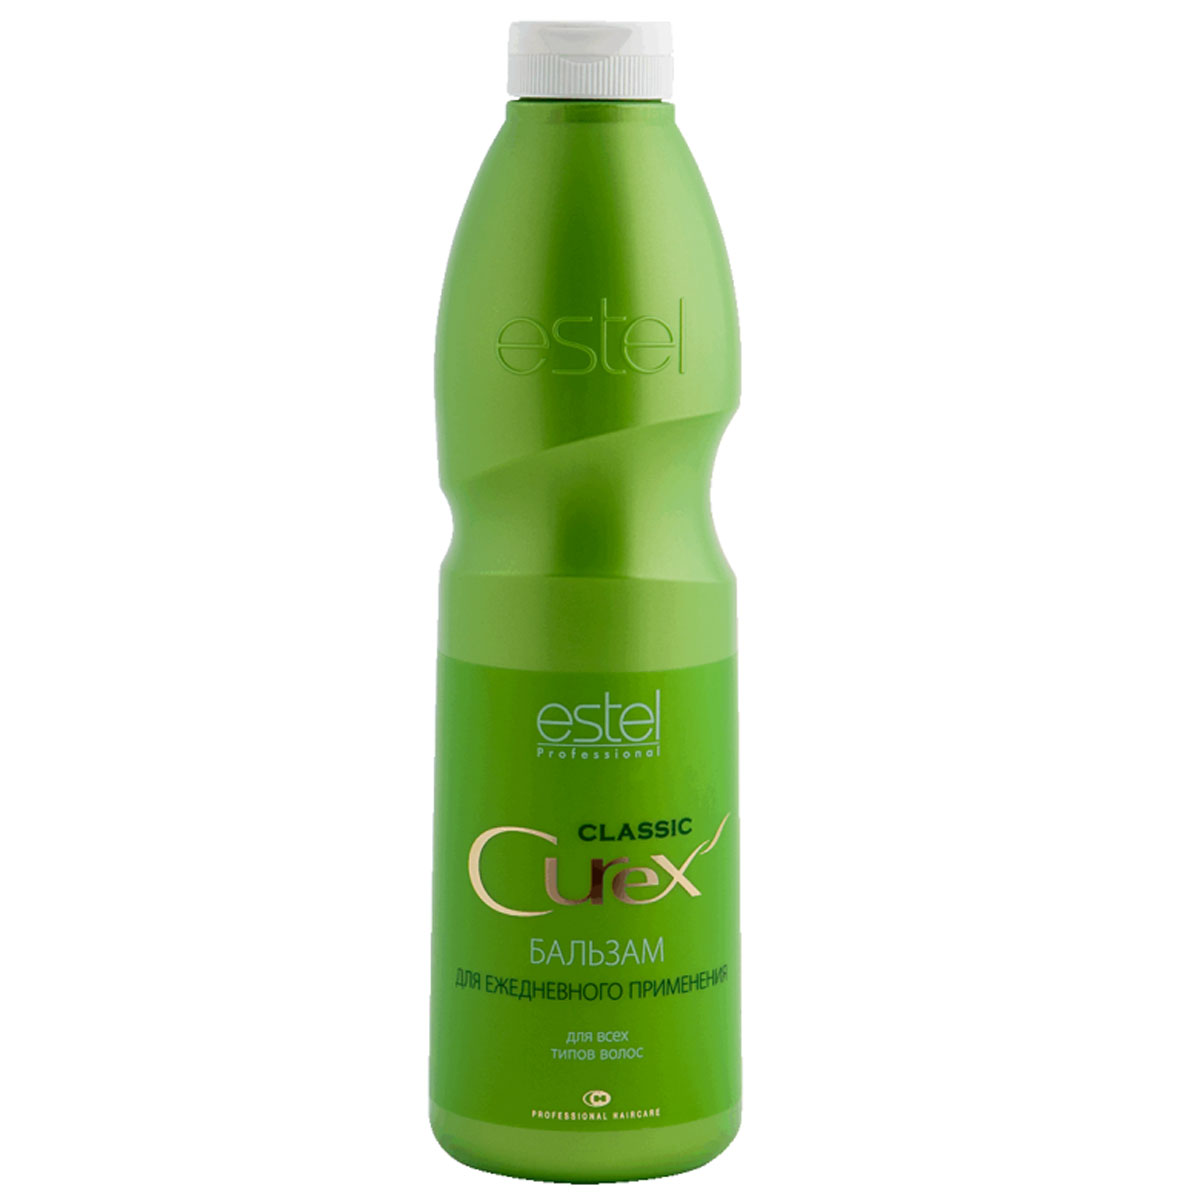 Estel Curex Classiс Бальзам Увлажнение и Питание для ежедневного применения 1000 млFS-36054Estel Curex Classic Бальзам «Увлажнение и Питание» обеспечивает интенсивное увлажнение и уход за волосами. Пантенол, витамин Е и масло авокадо питают и восстанавливают структуру волос, делают их мягкими, шелковистыми и блестящими.Хорошо кондиционирует волосы.Результат: легкость расчесывания, мягкость, шелковистость и блеск волос.